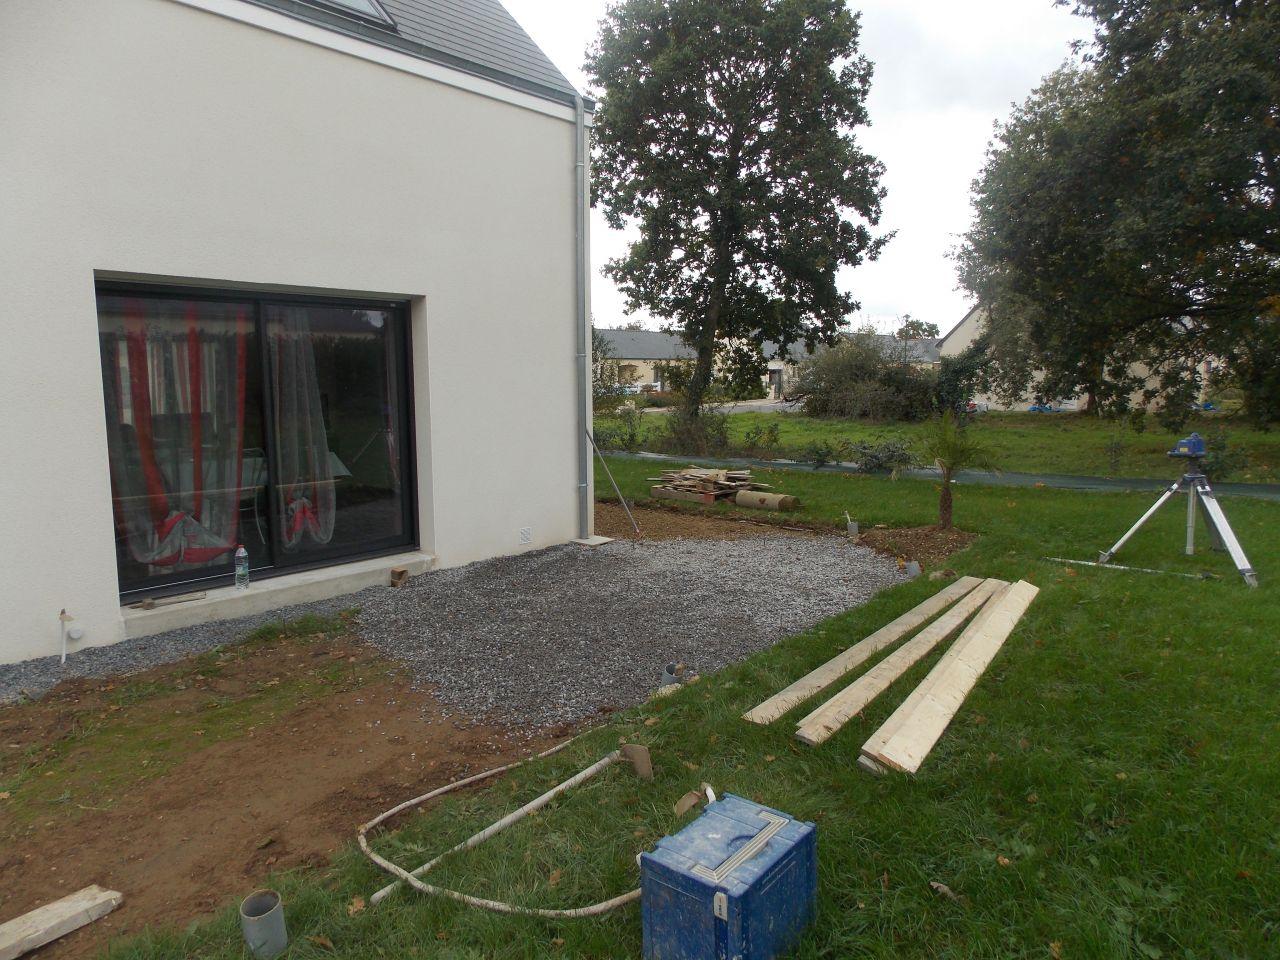 Tra age et decoupage d all e terrasse coffrage pour l for Cabanon jardin plastique